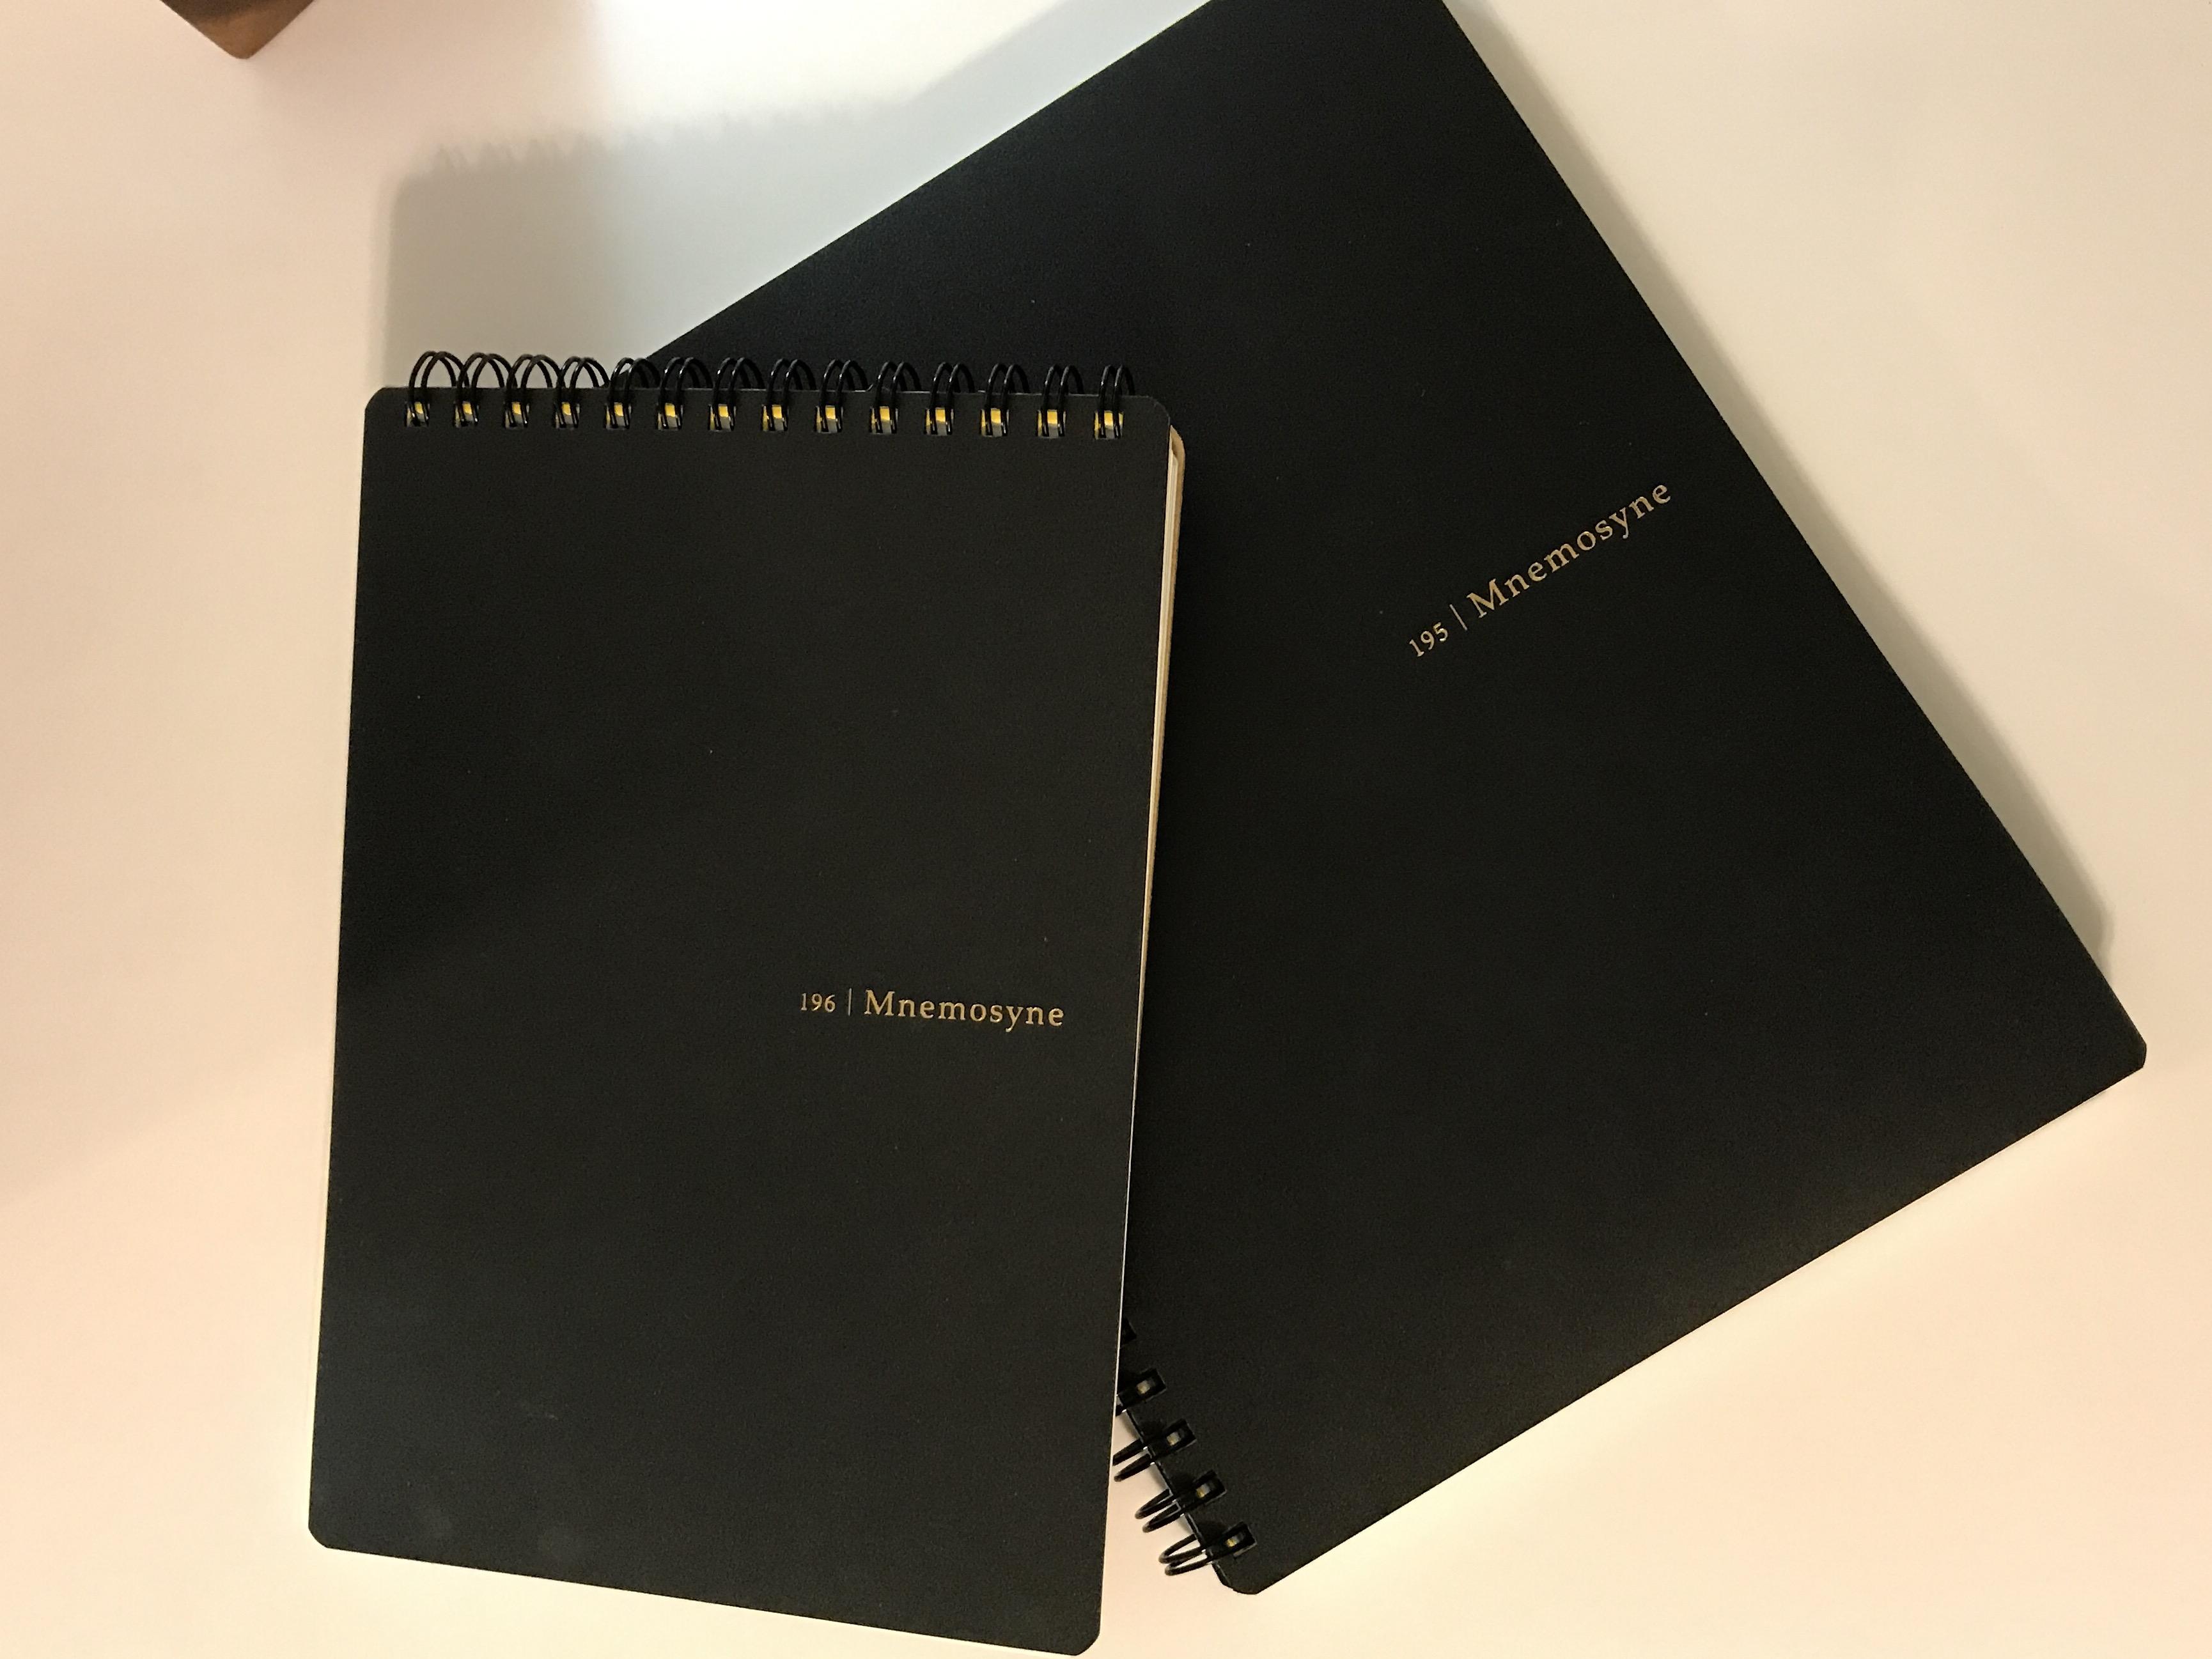 mnemosyne notebooks